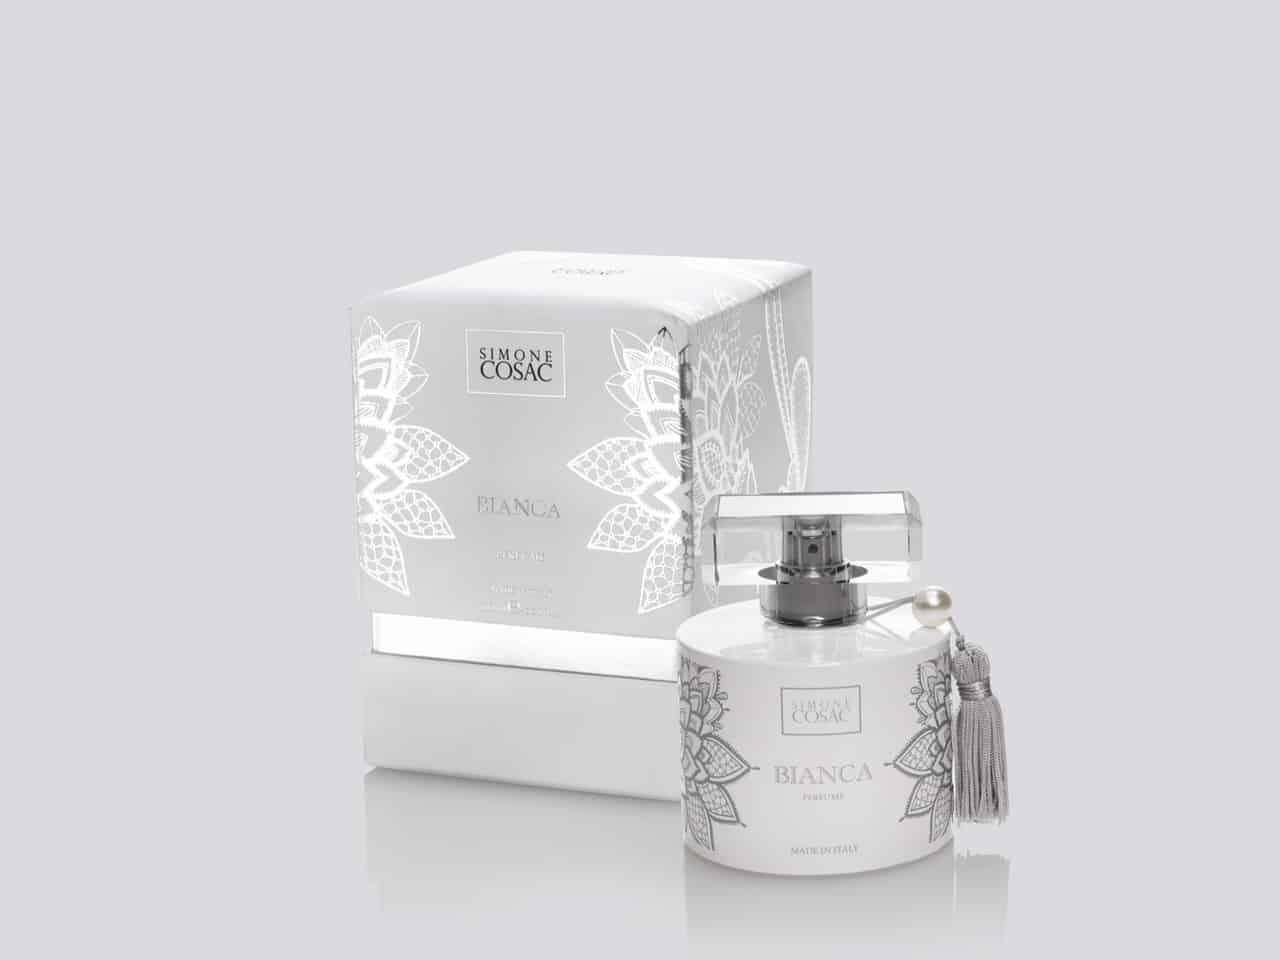 Bianca, la nuova fragranza per l'estate di Simone Cosac